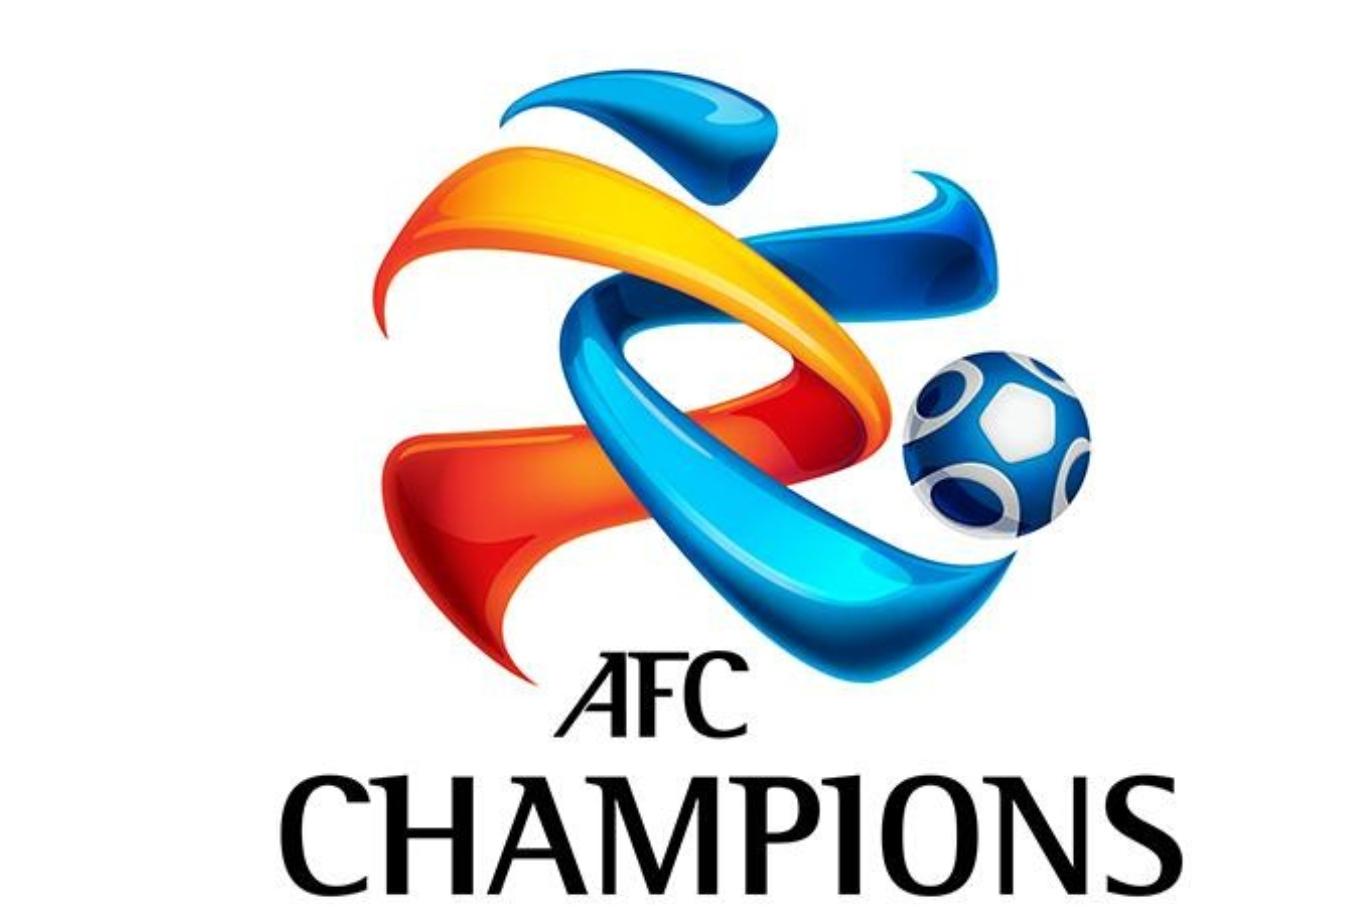 亚冠小组赛暂定不使用VAR,淘汰赛届时视情况再定-今球app官网